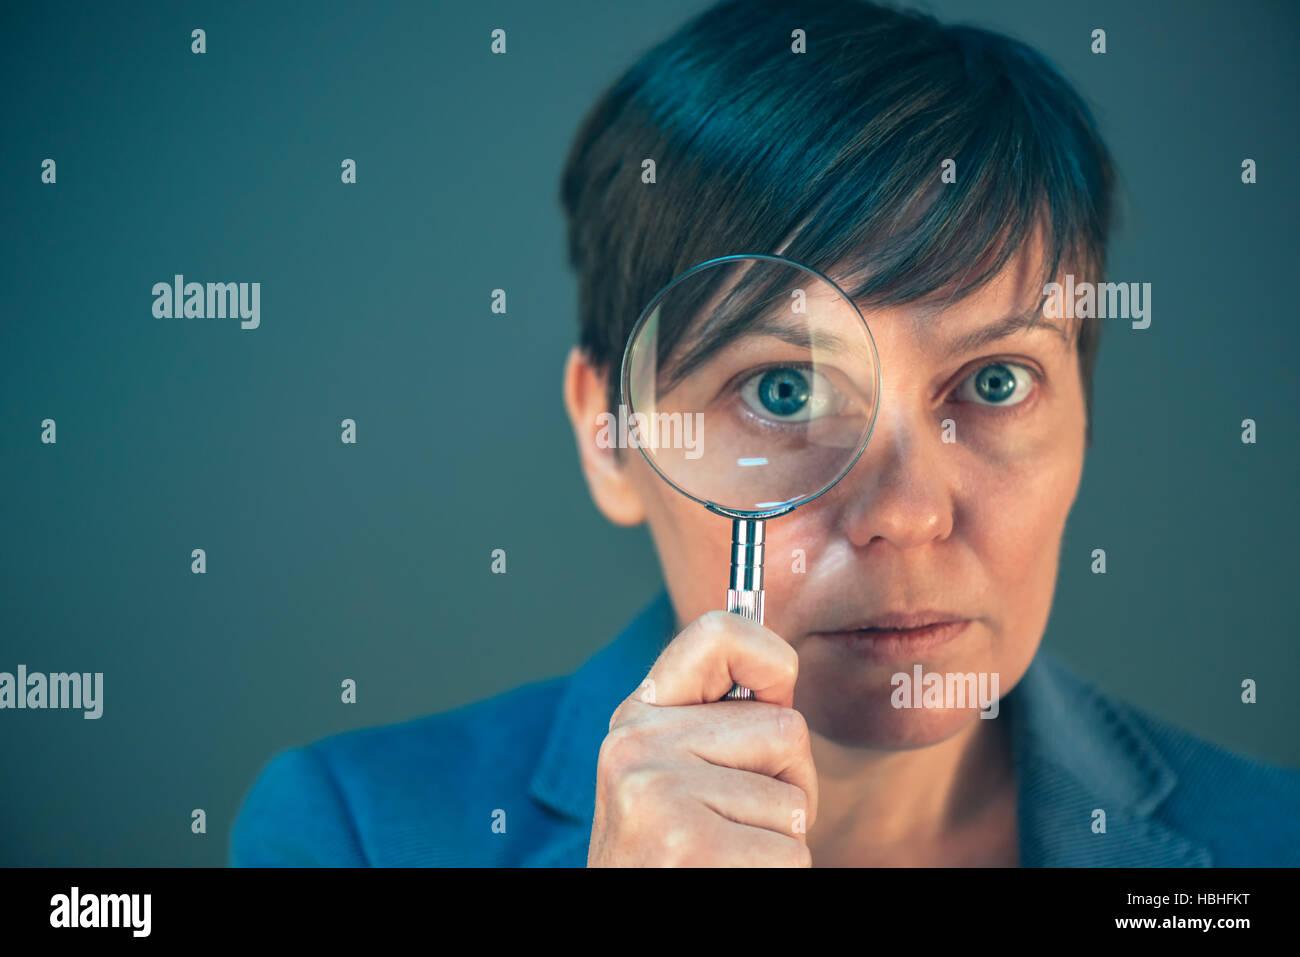 Hermosa empresaria mirando a través de una lupa - buscar, descubrir, explorar, investigar y analizar el concepto. Imagen De Stock